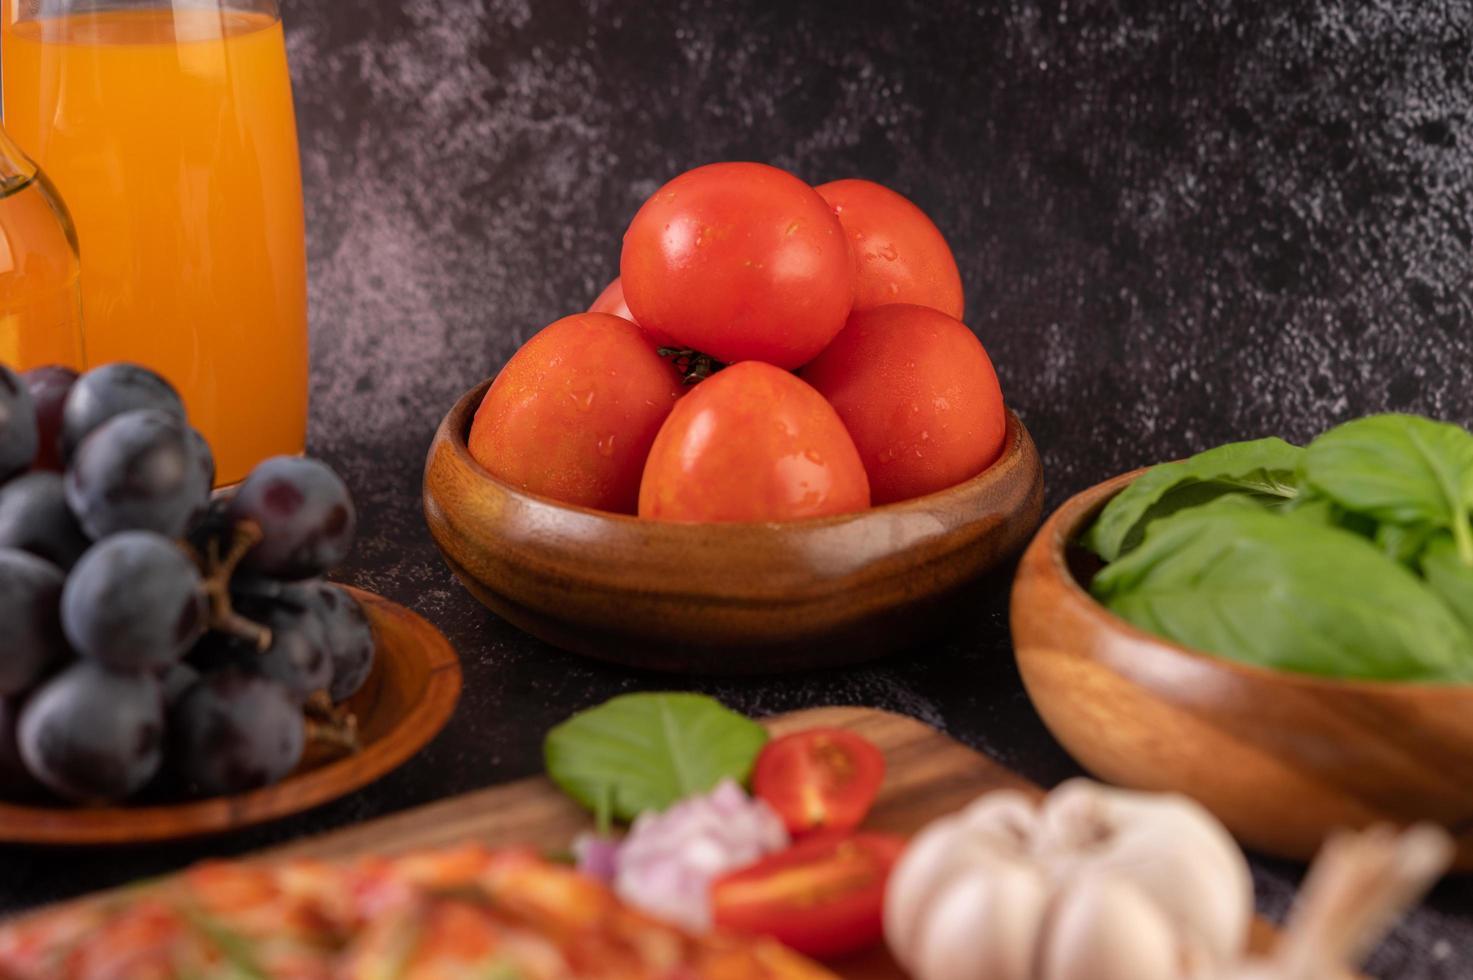 tomates frescos, uvas y jugo de naranja en un vaso foto